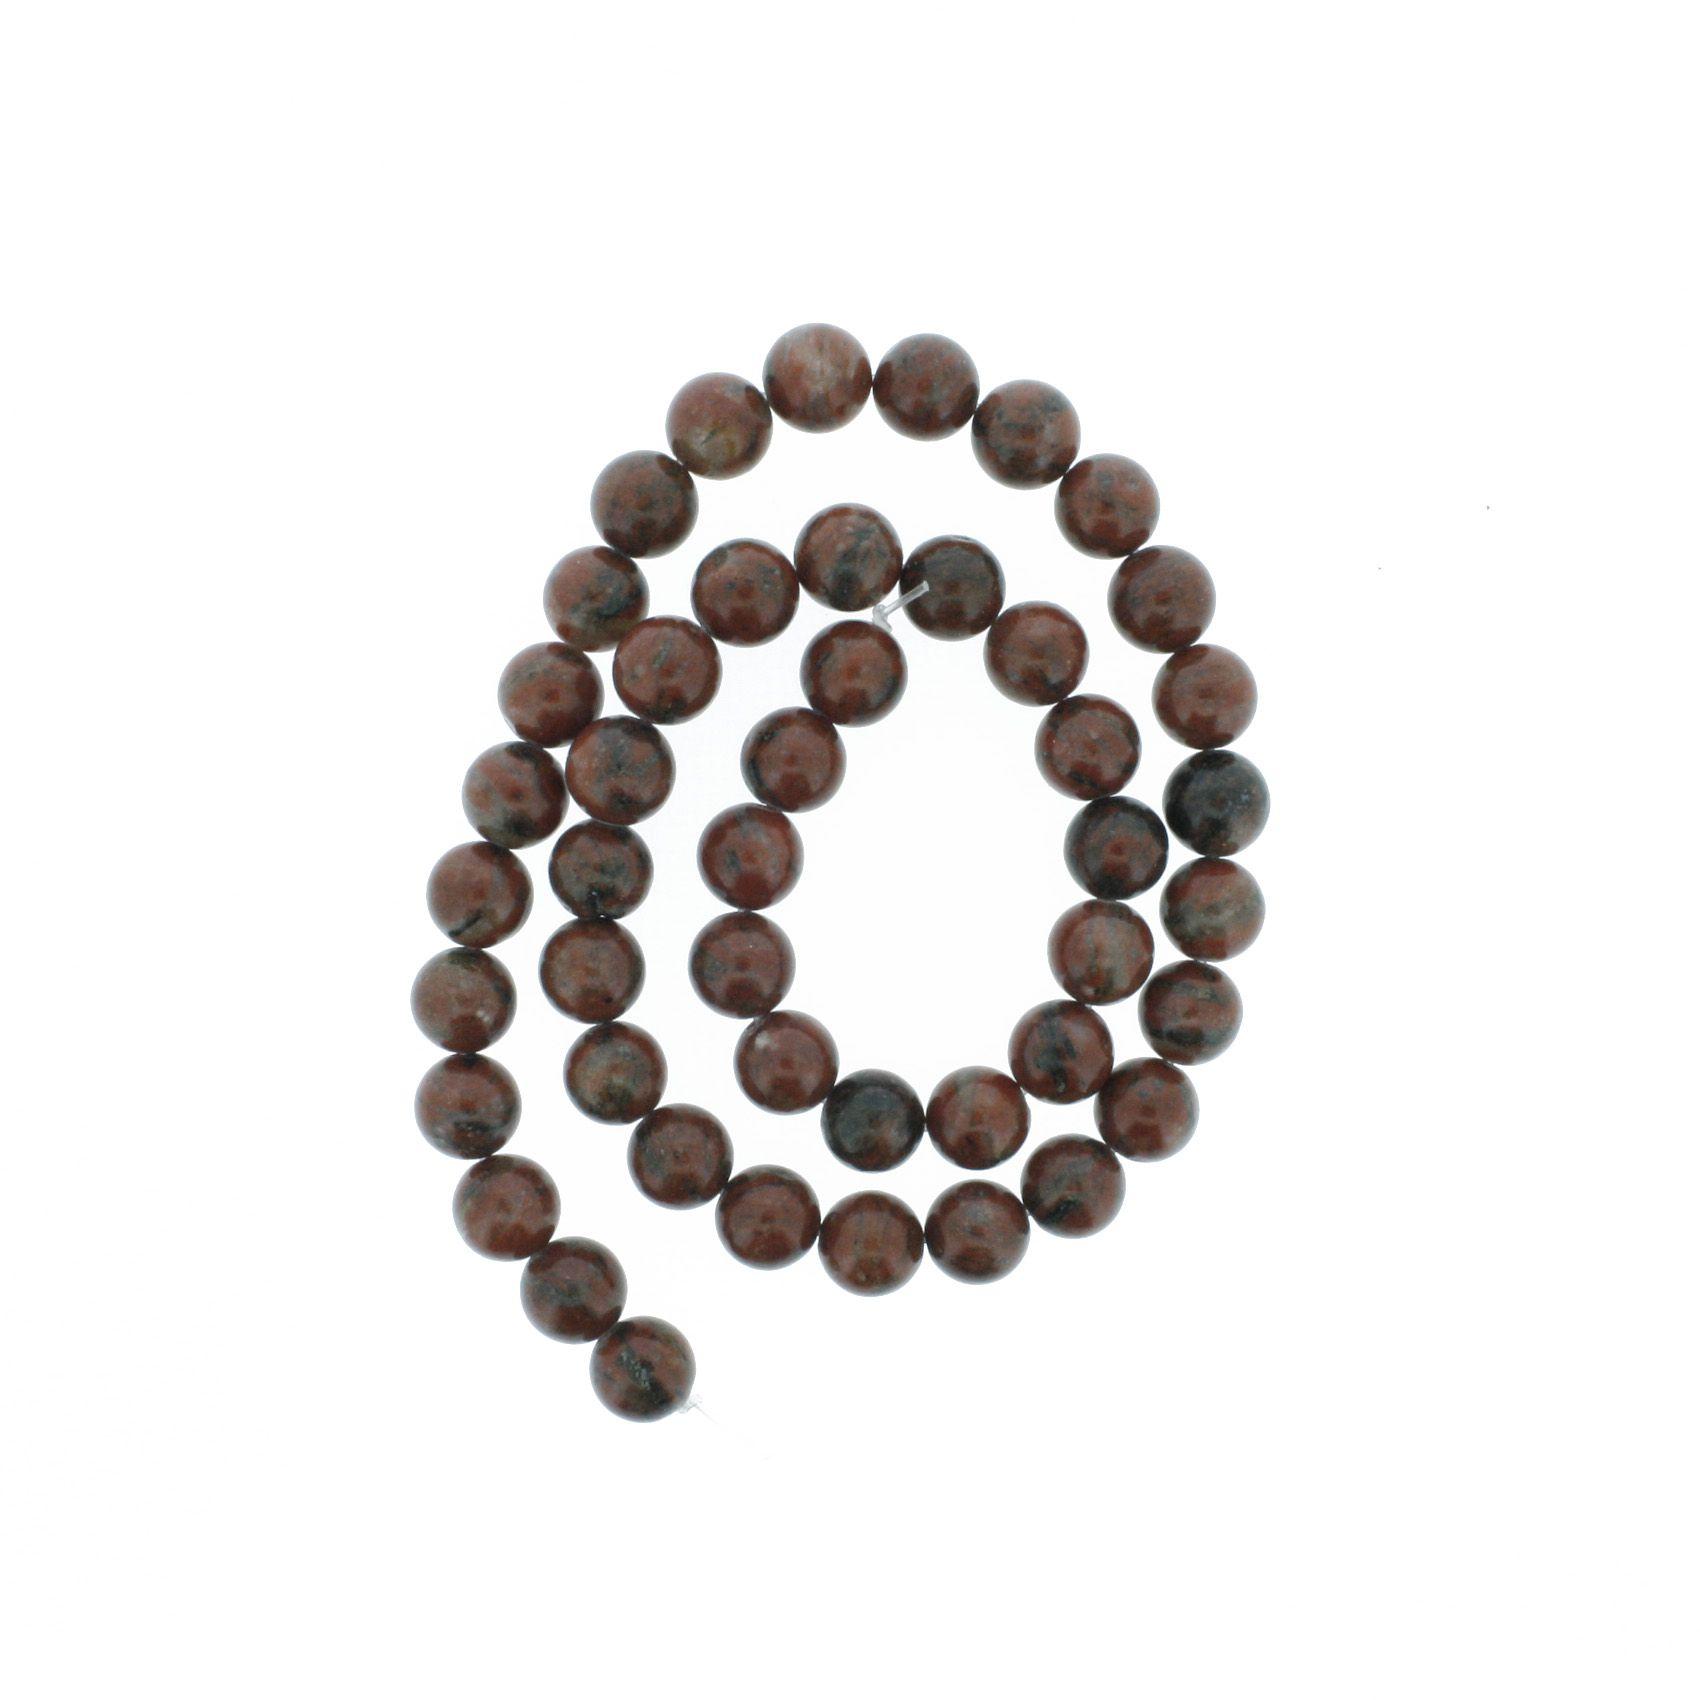 Fio de Pedra - Pietra® - Jaspe Vermelha - 8mm  - Universo Religioso® - Artigos de Umbanda e Candomblé